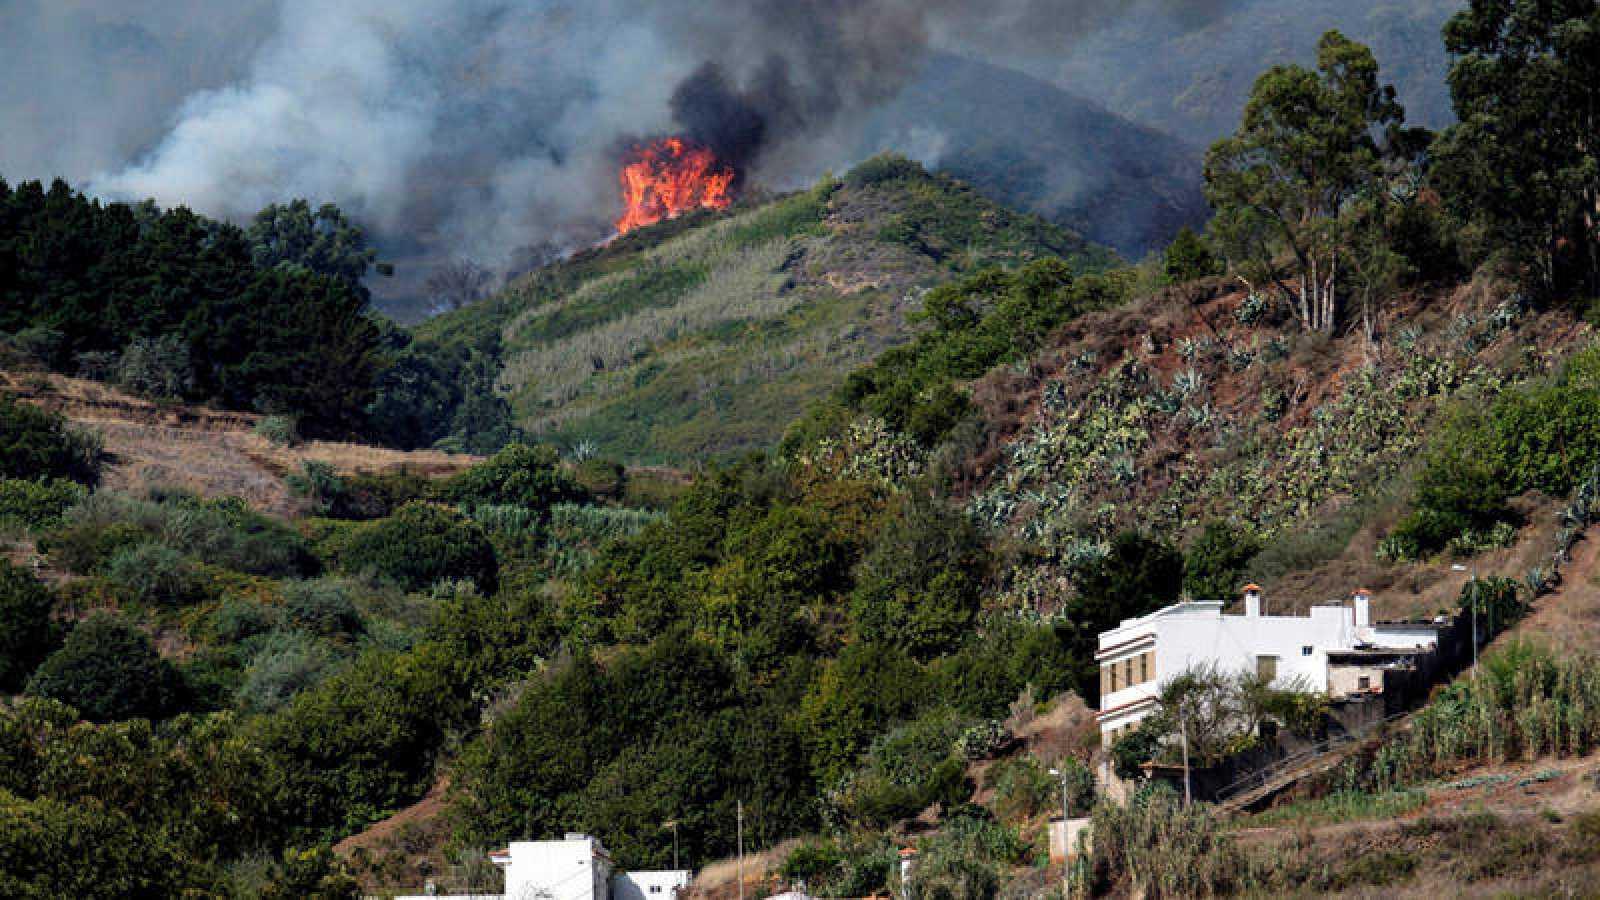 LaLiga rechaza la petición de la UD Las Palmas de suspender su partido por los incendios